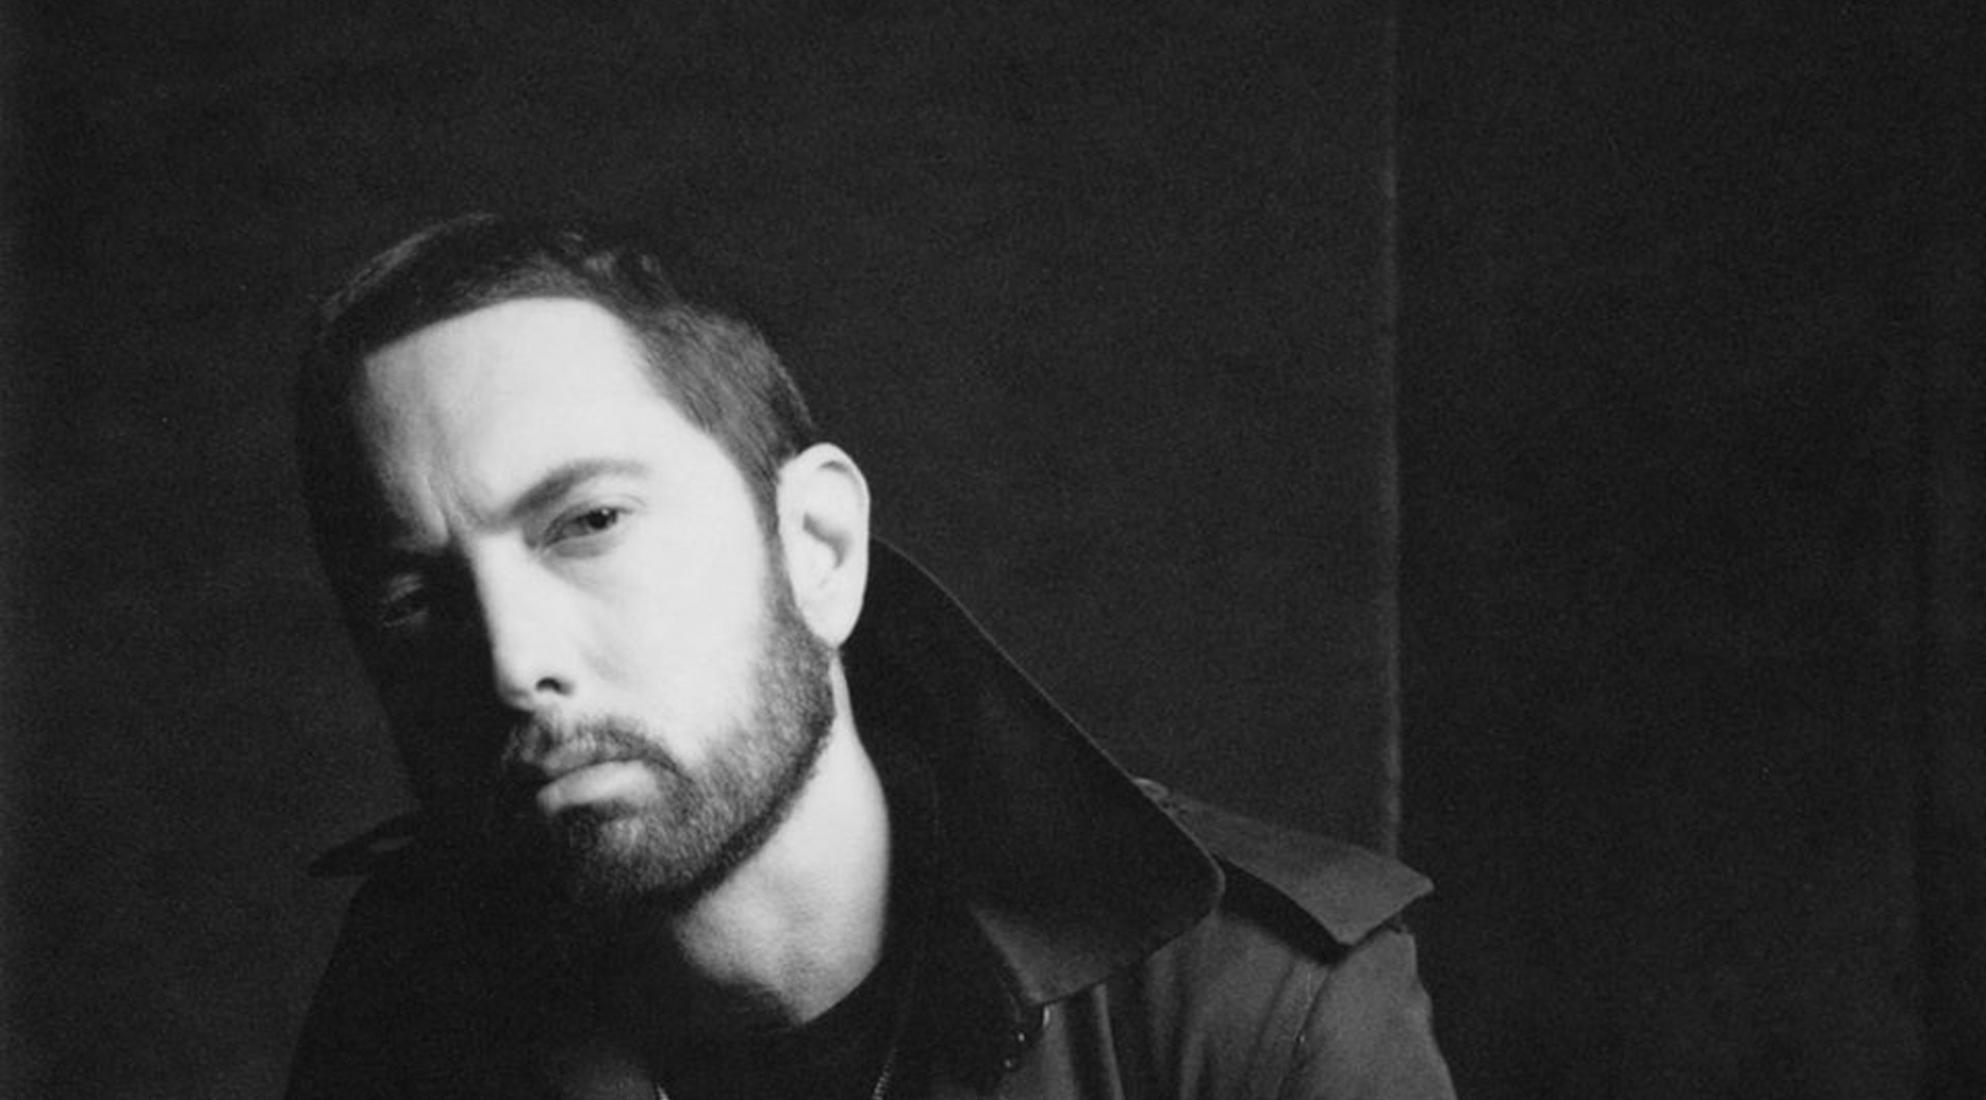 Eminem | Artist | www.grammy.com